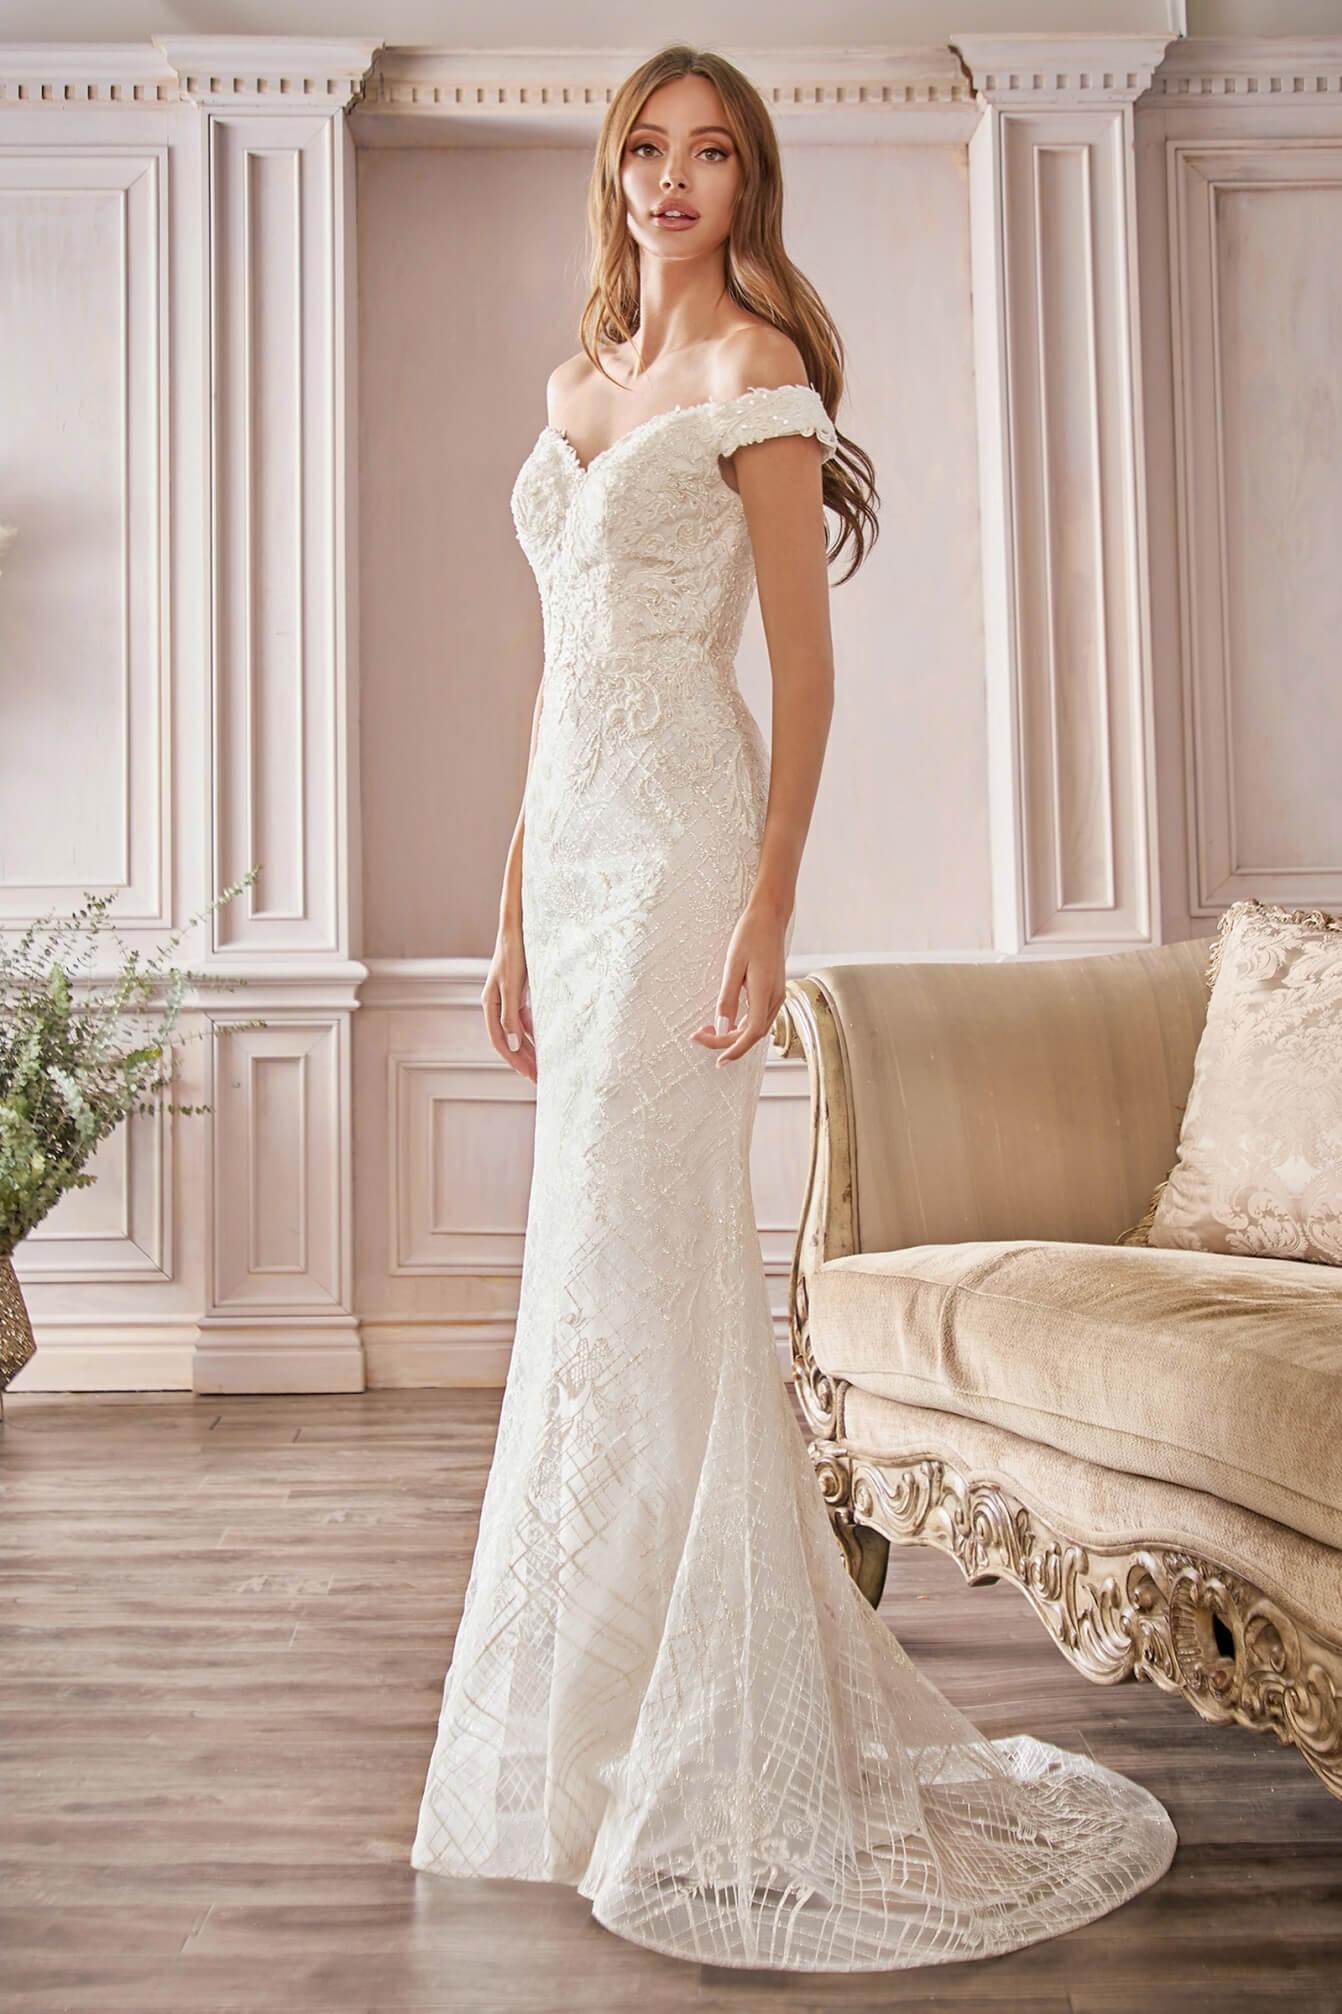 Luce única con el vestido de novia Allison, con su silueta de corte Sirena y Corte Columna, te verás majestuosa el día de tu boda. Tenemos los mejores precios de Venezuela en todo para tu vestimenta de bodas